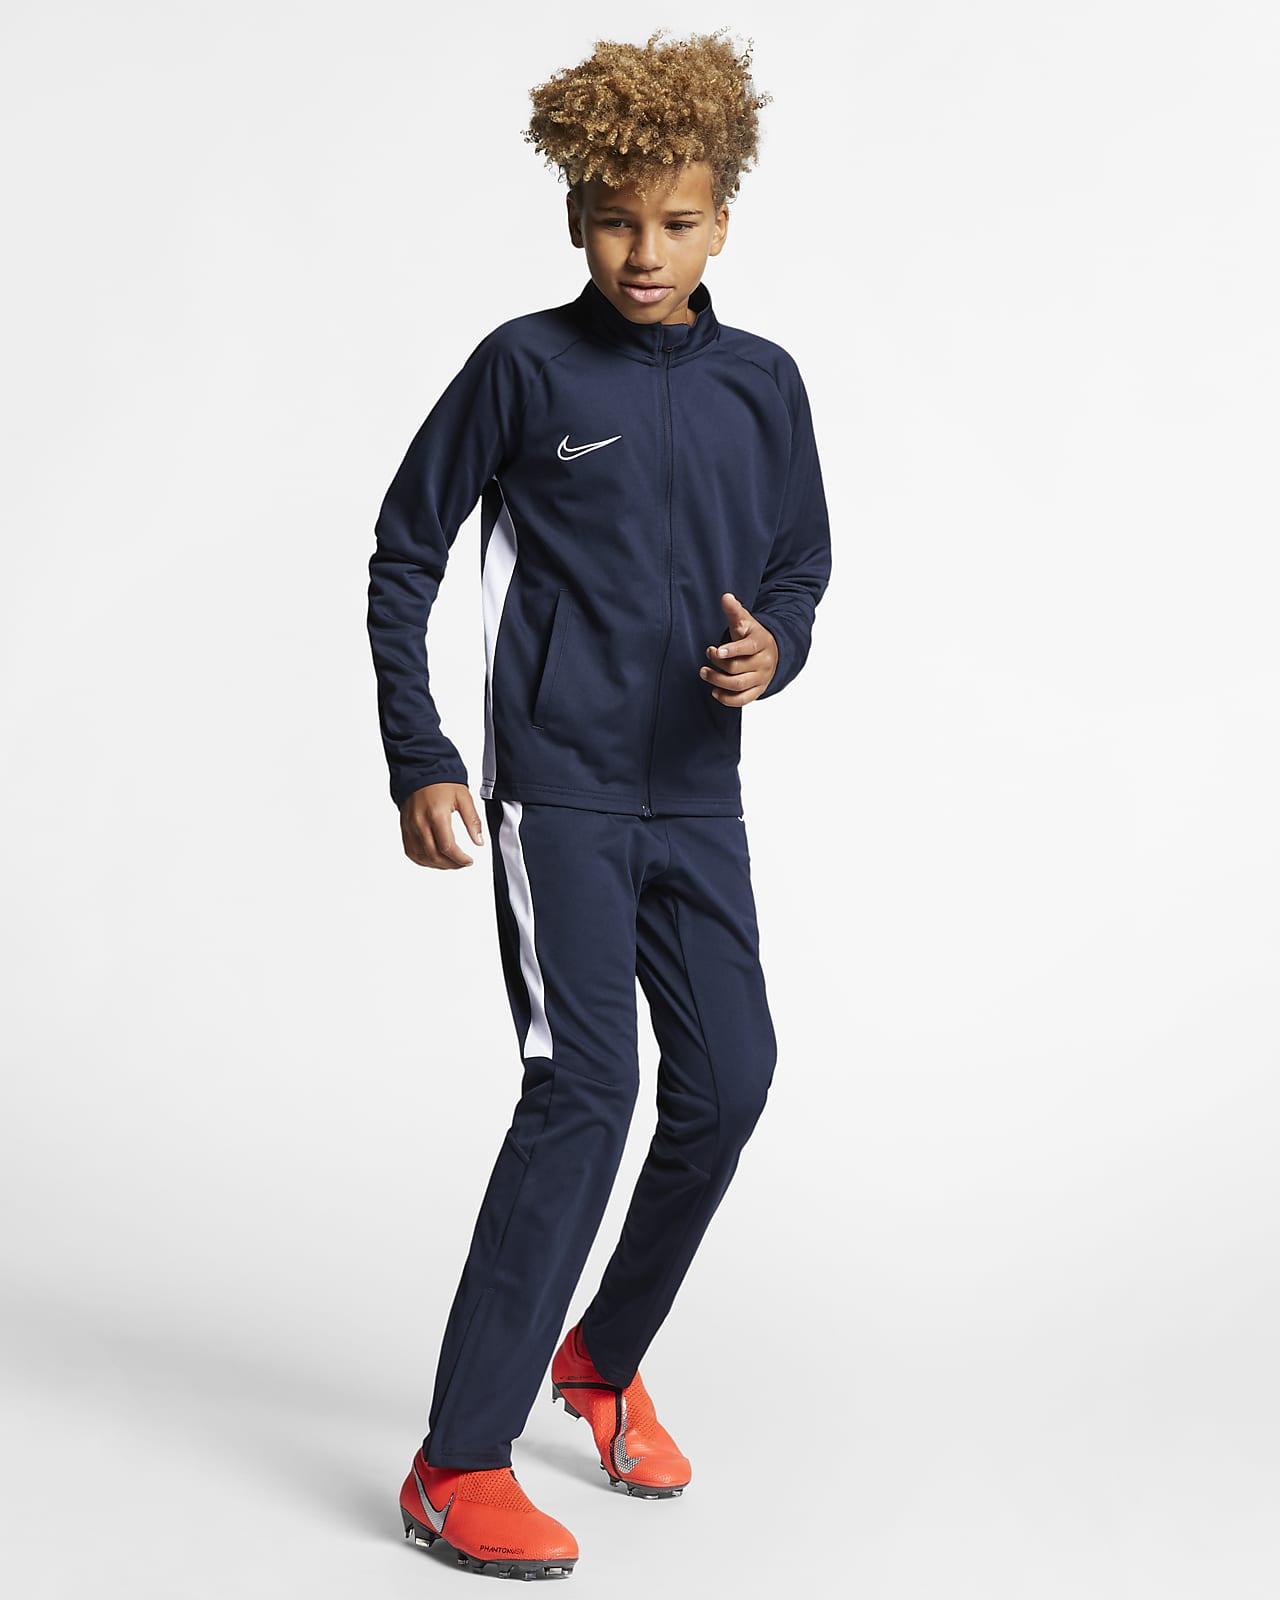 Nike Dri-FIT Academy fotballtreningsdress til store barn